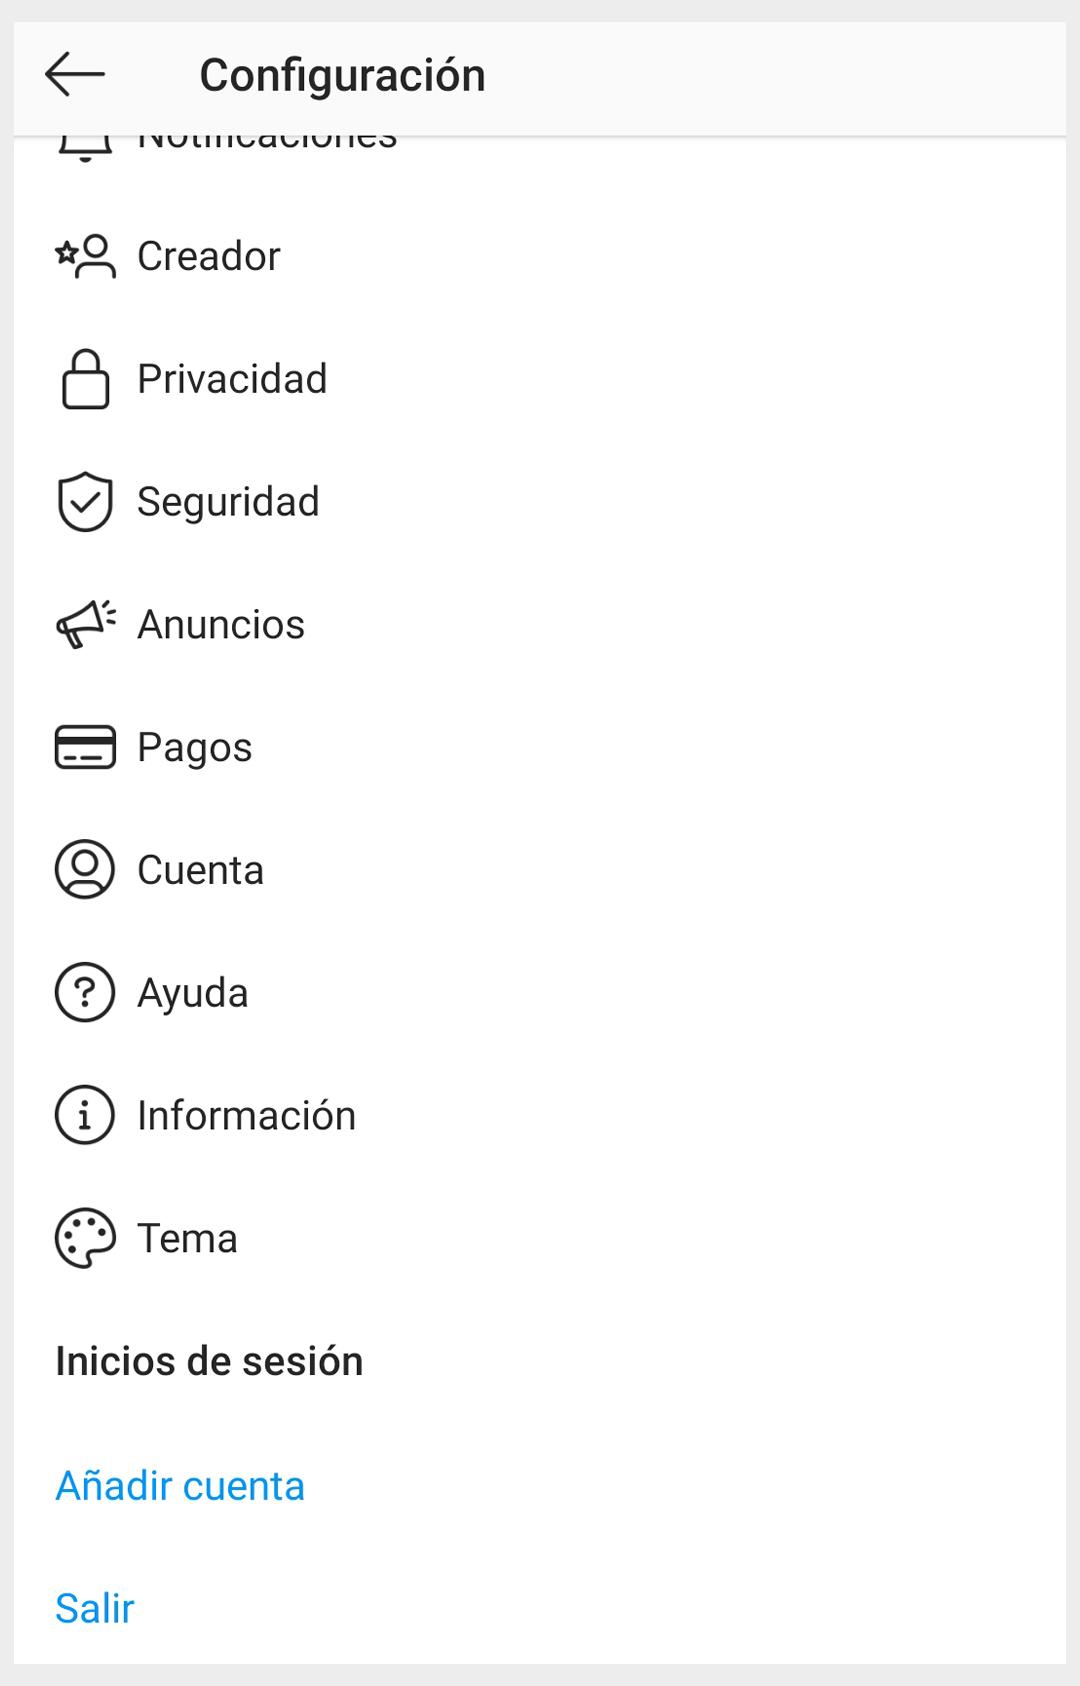 Captura de la configuración del perfil profesional en Instagram para el post de ITO